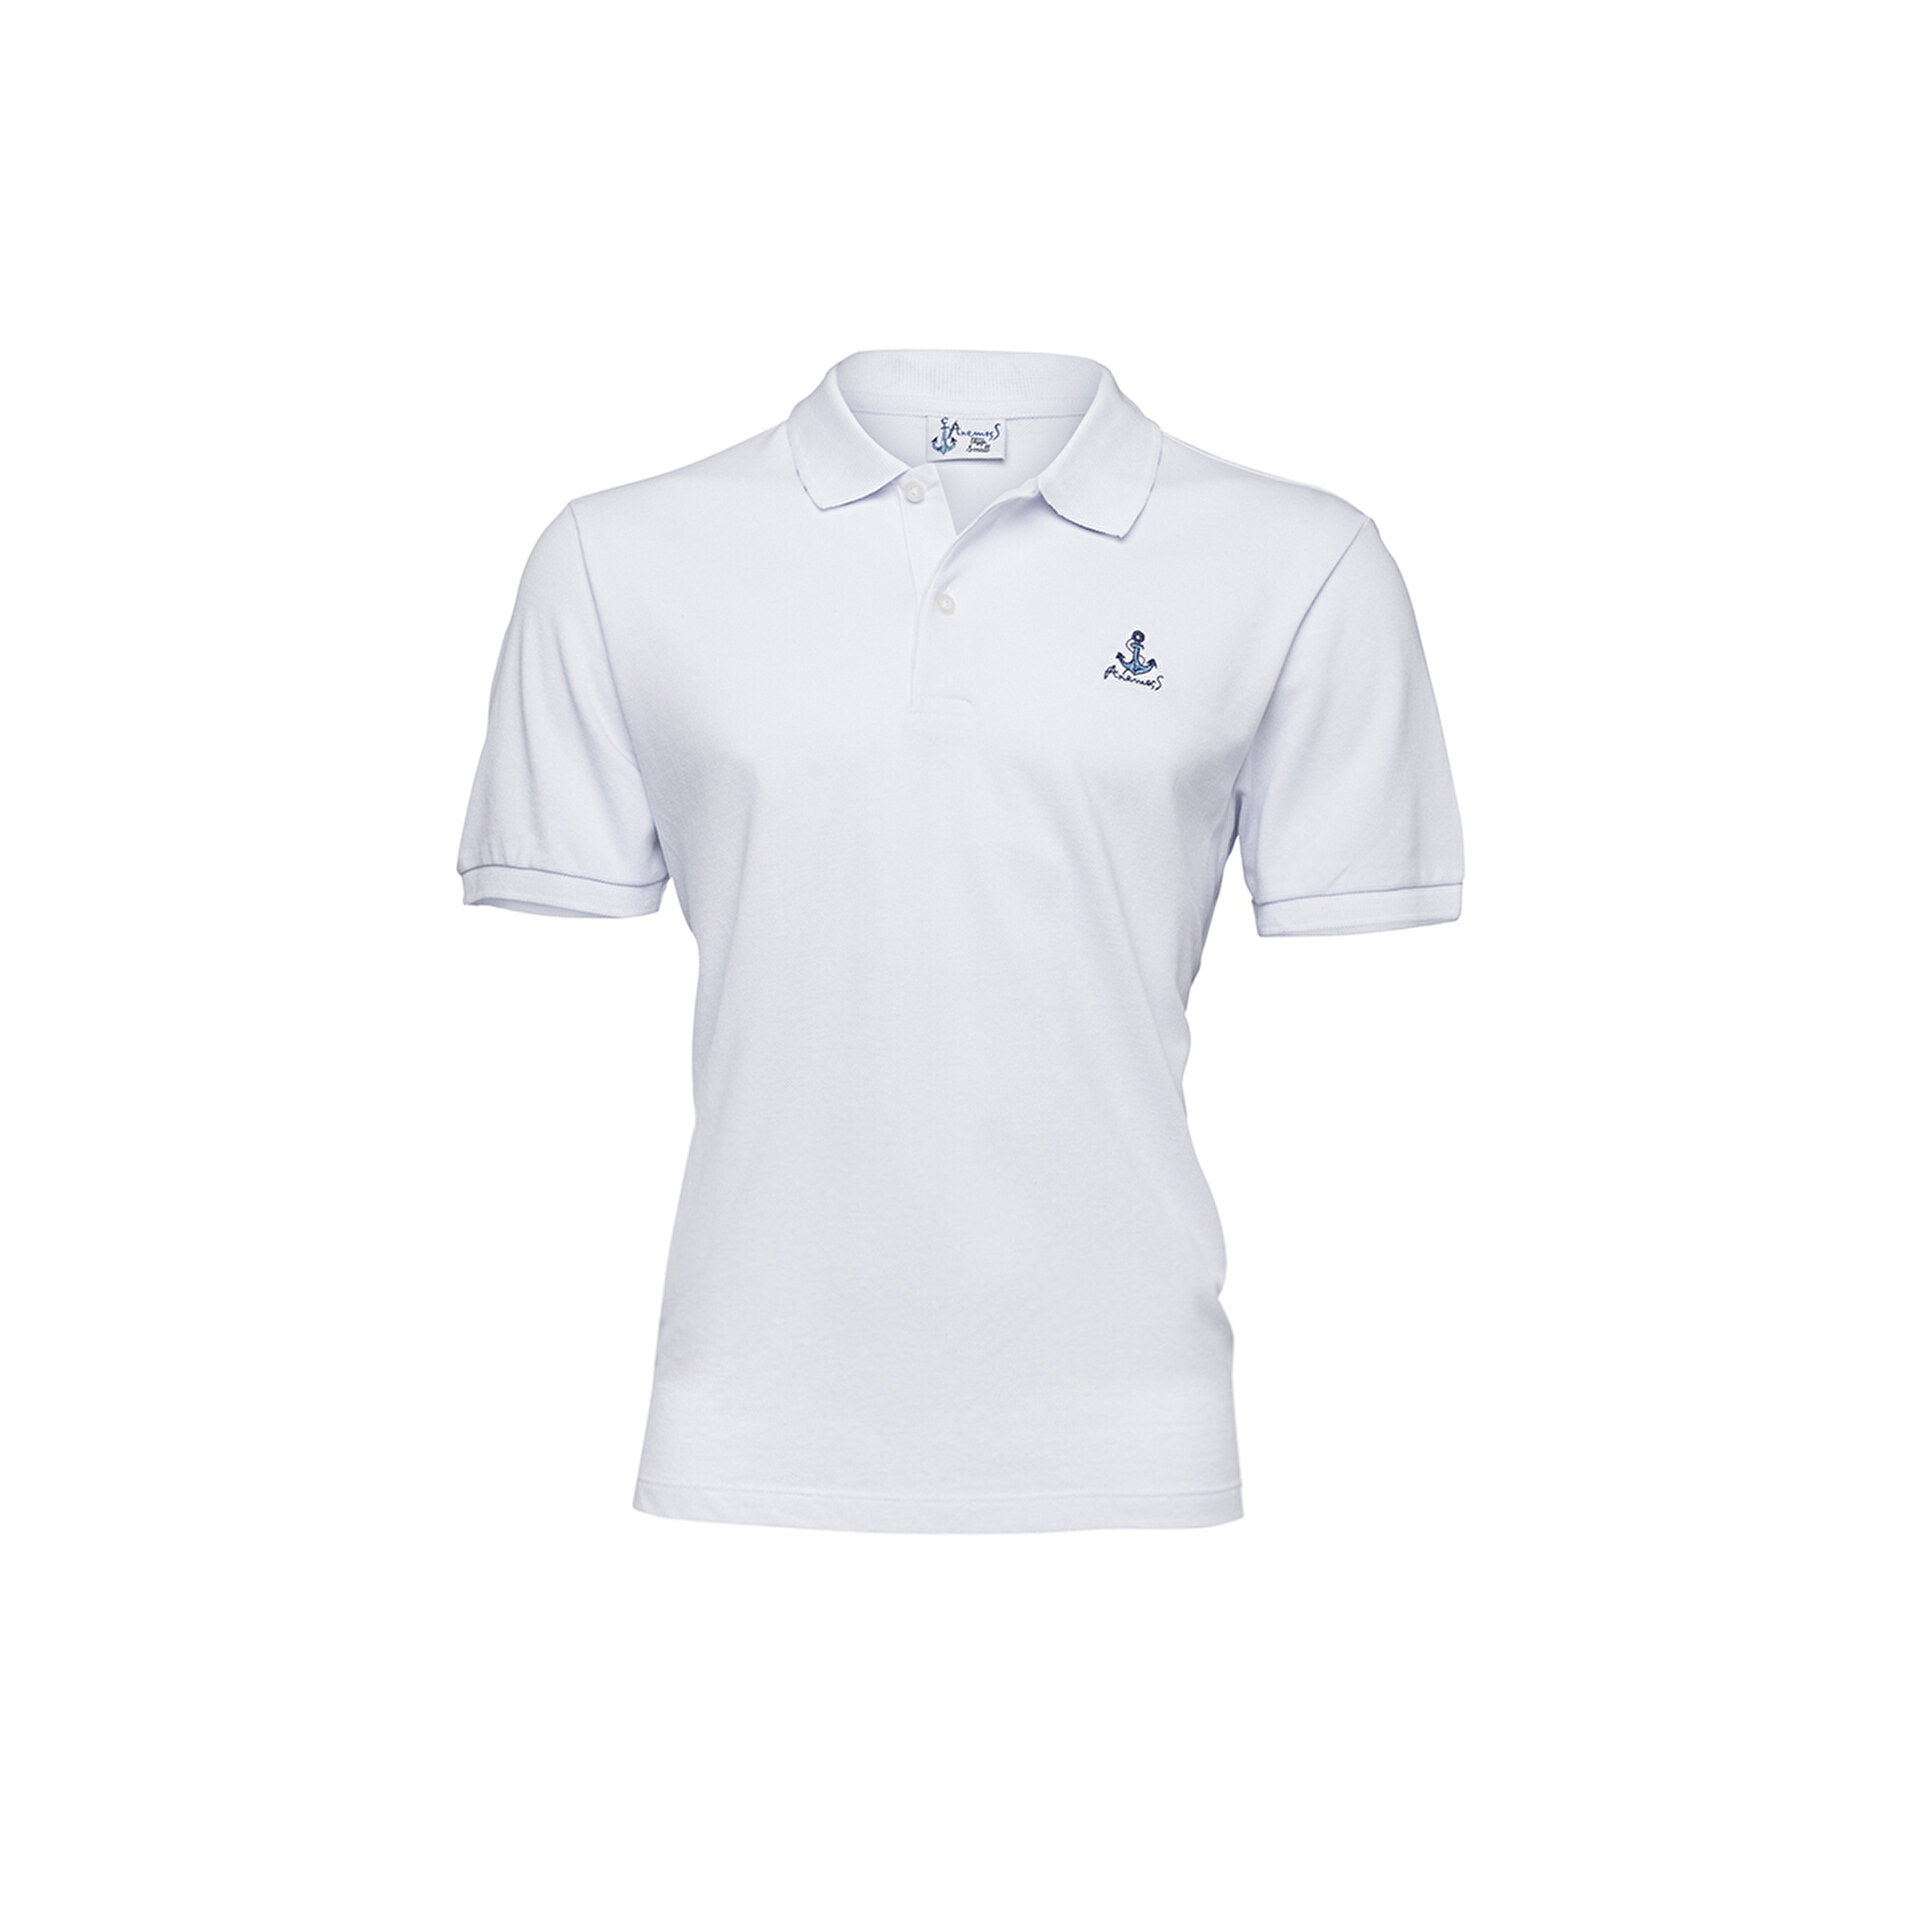 Picture of Biggdesign Anemoss Çapa Erkek Polo Yaka T-Shirt